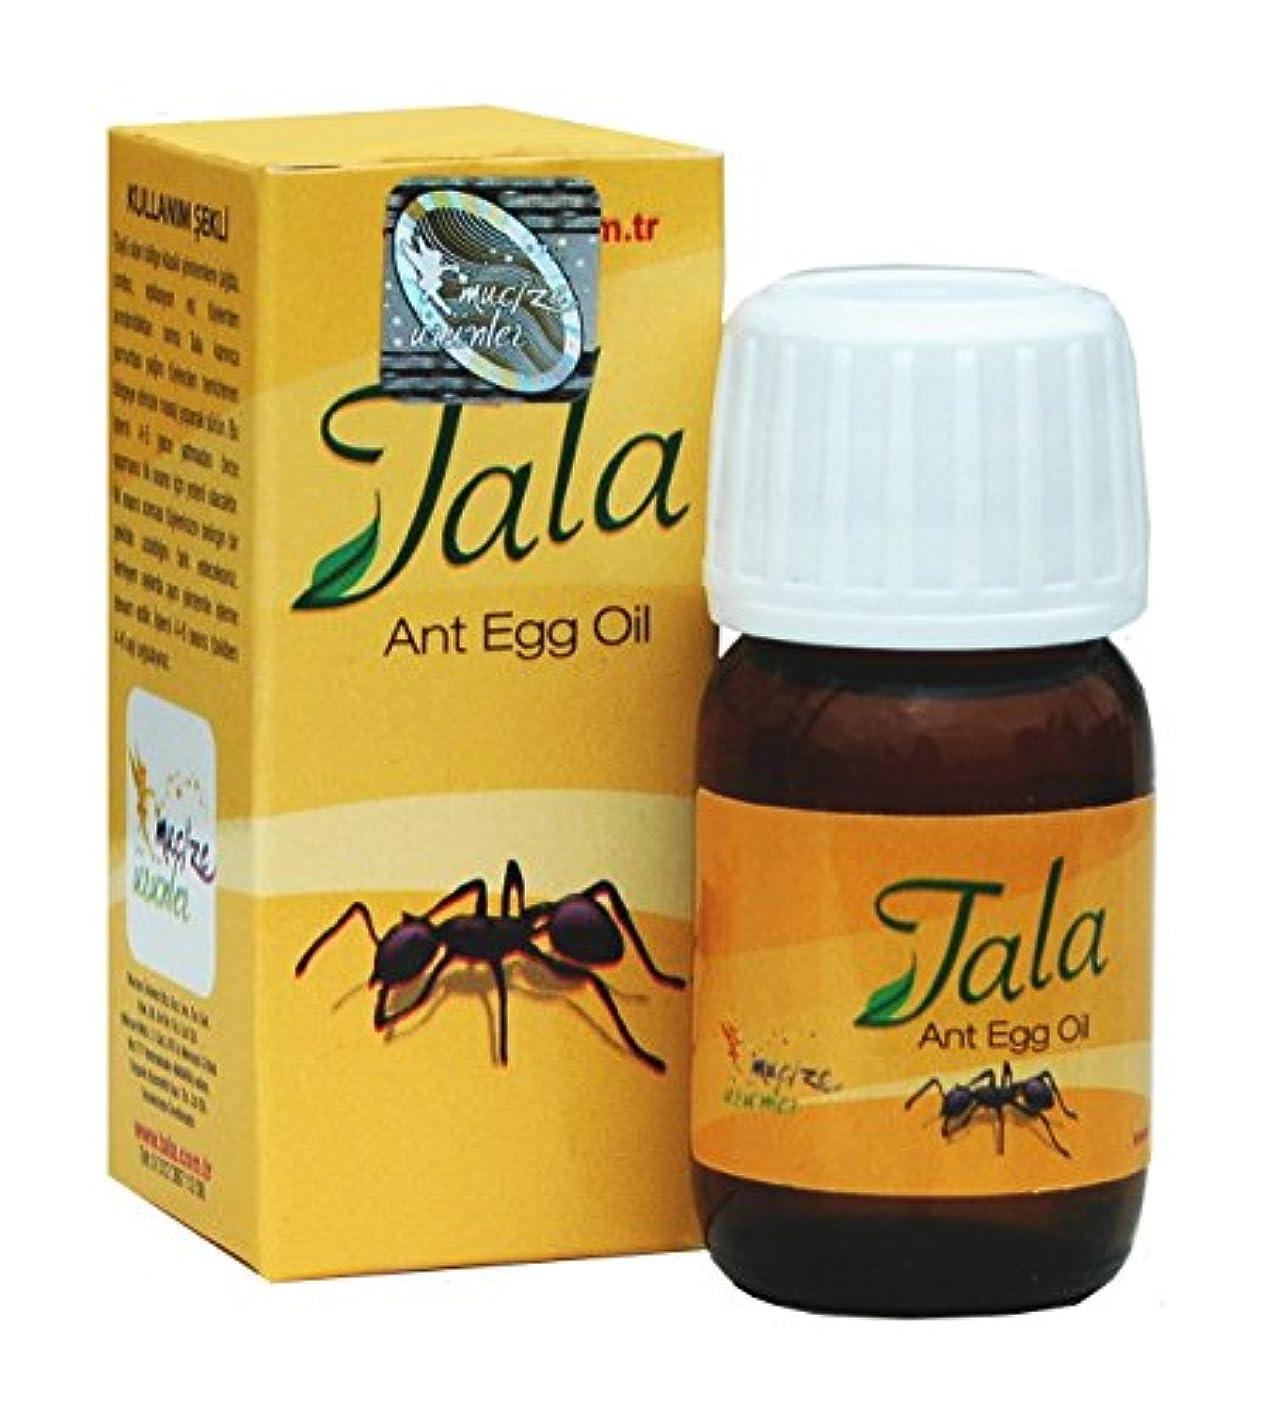 エトナ山インシュレータお世話になったTala Ant Egg Oil (アリ脱毛オイル) 20 ml [並行輸入品]